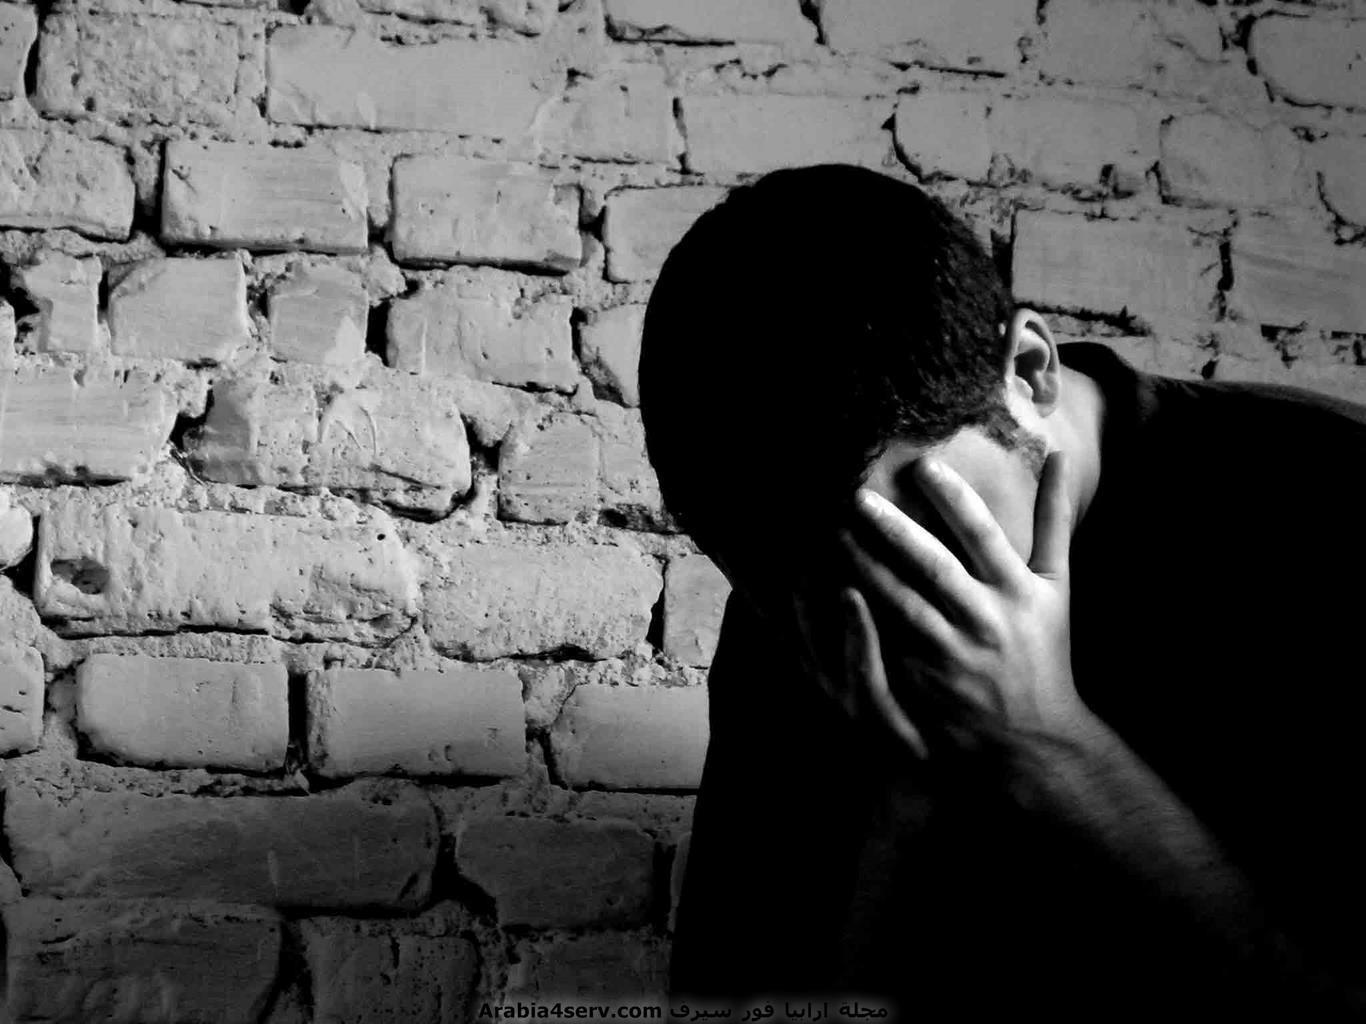 خلفيات وحدة شباب اولاد حزينة لسطح المكتب